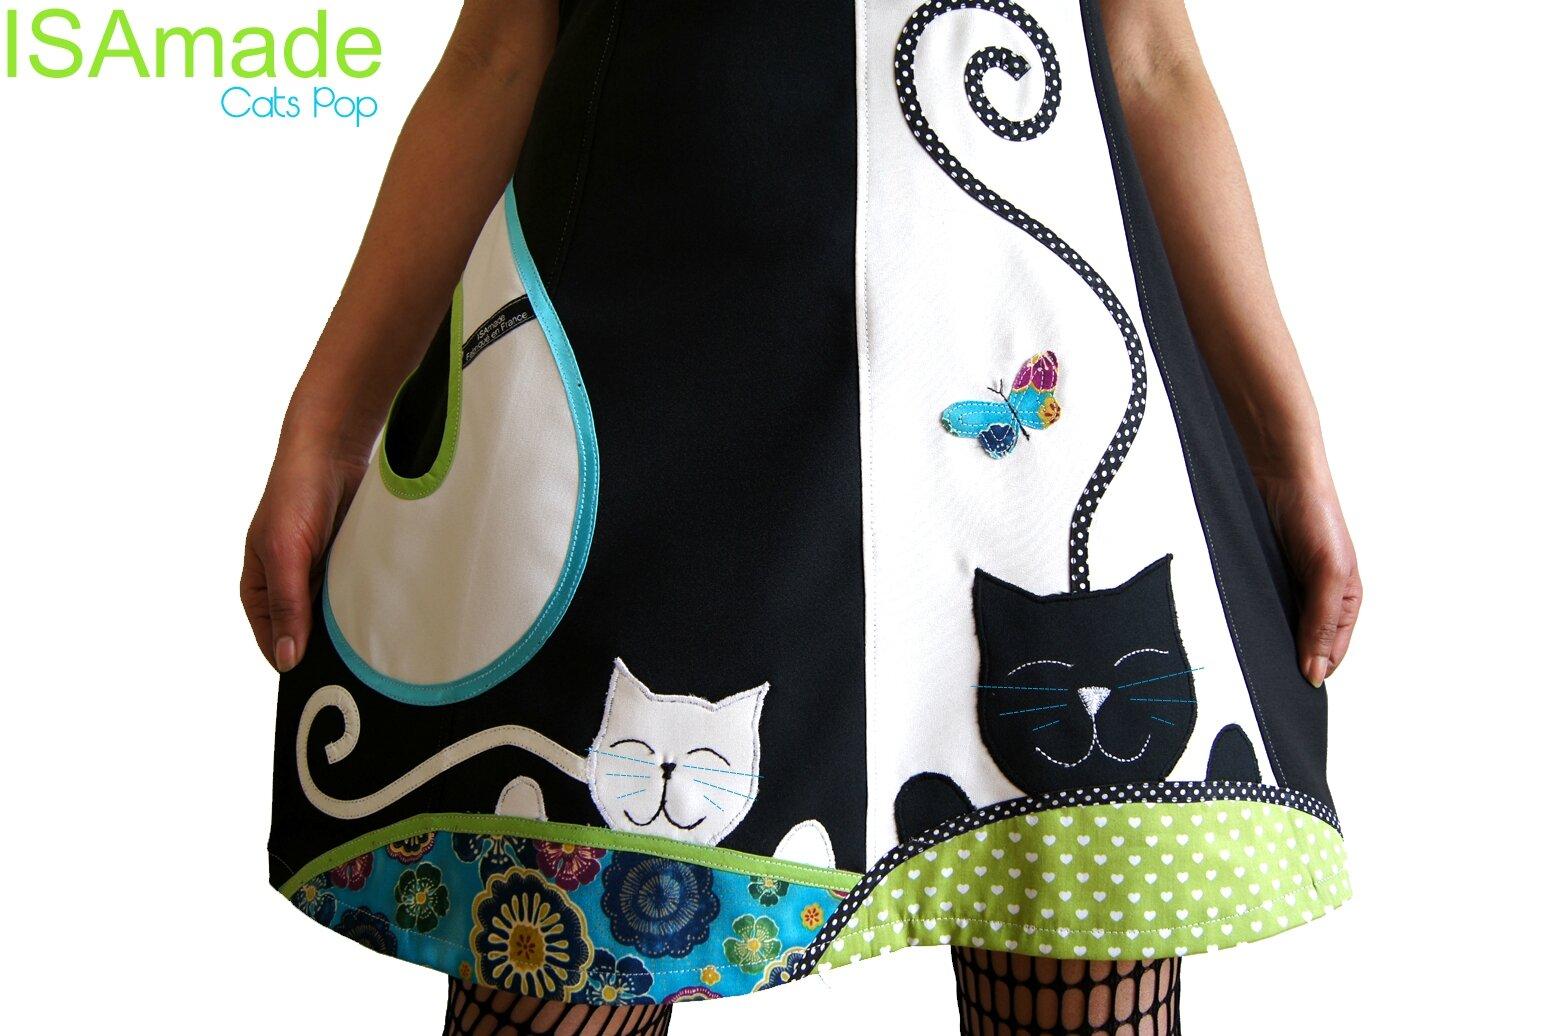 Une robe Femme maille Noire et Blanc cassé Bicolore à application patch Imprimé Coeurs vert anis et imprimé Fleurs Turquoise Violet